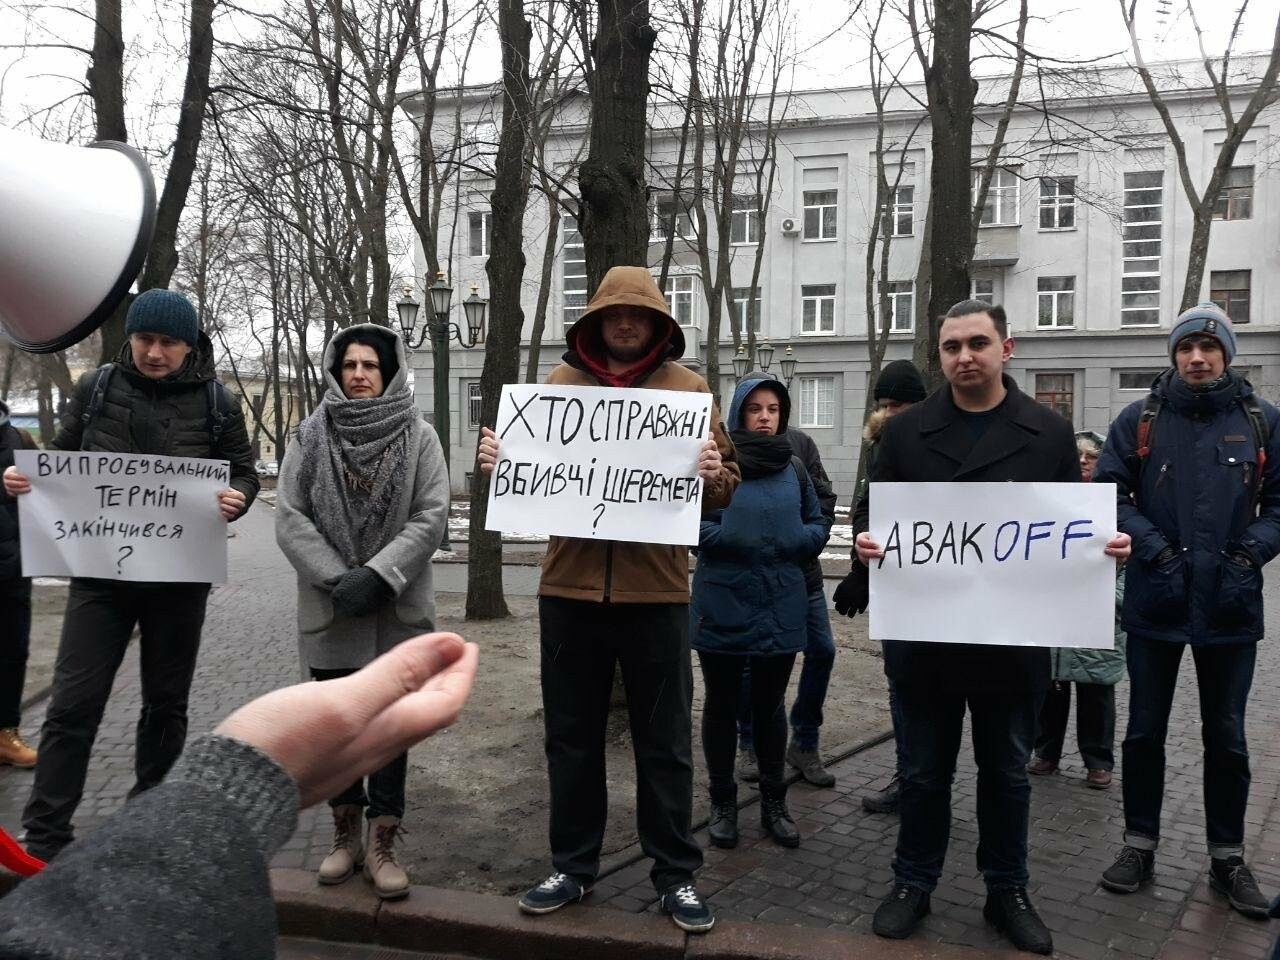 «Авакова в отставку»: в Харькове протестовали против главы МВД, - ФОТО, фото-1